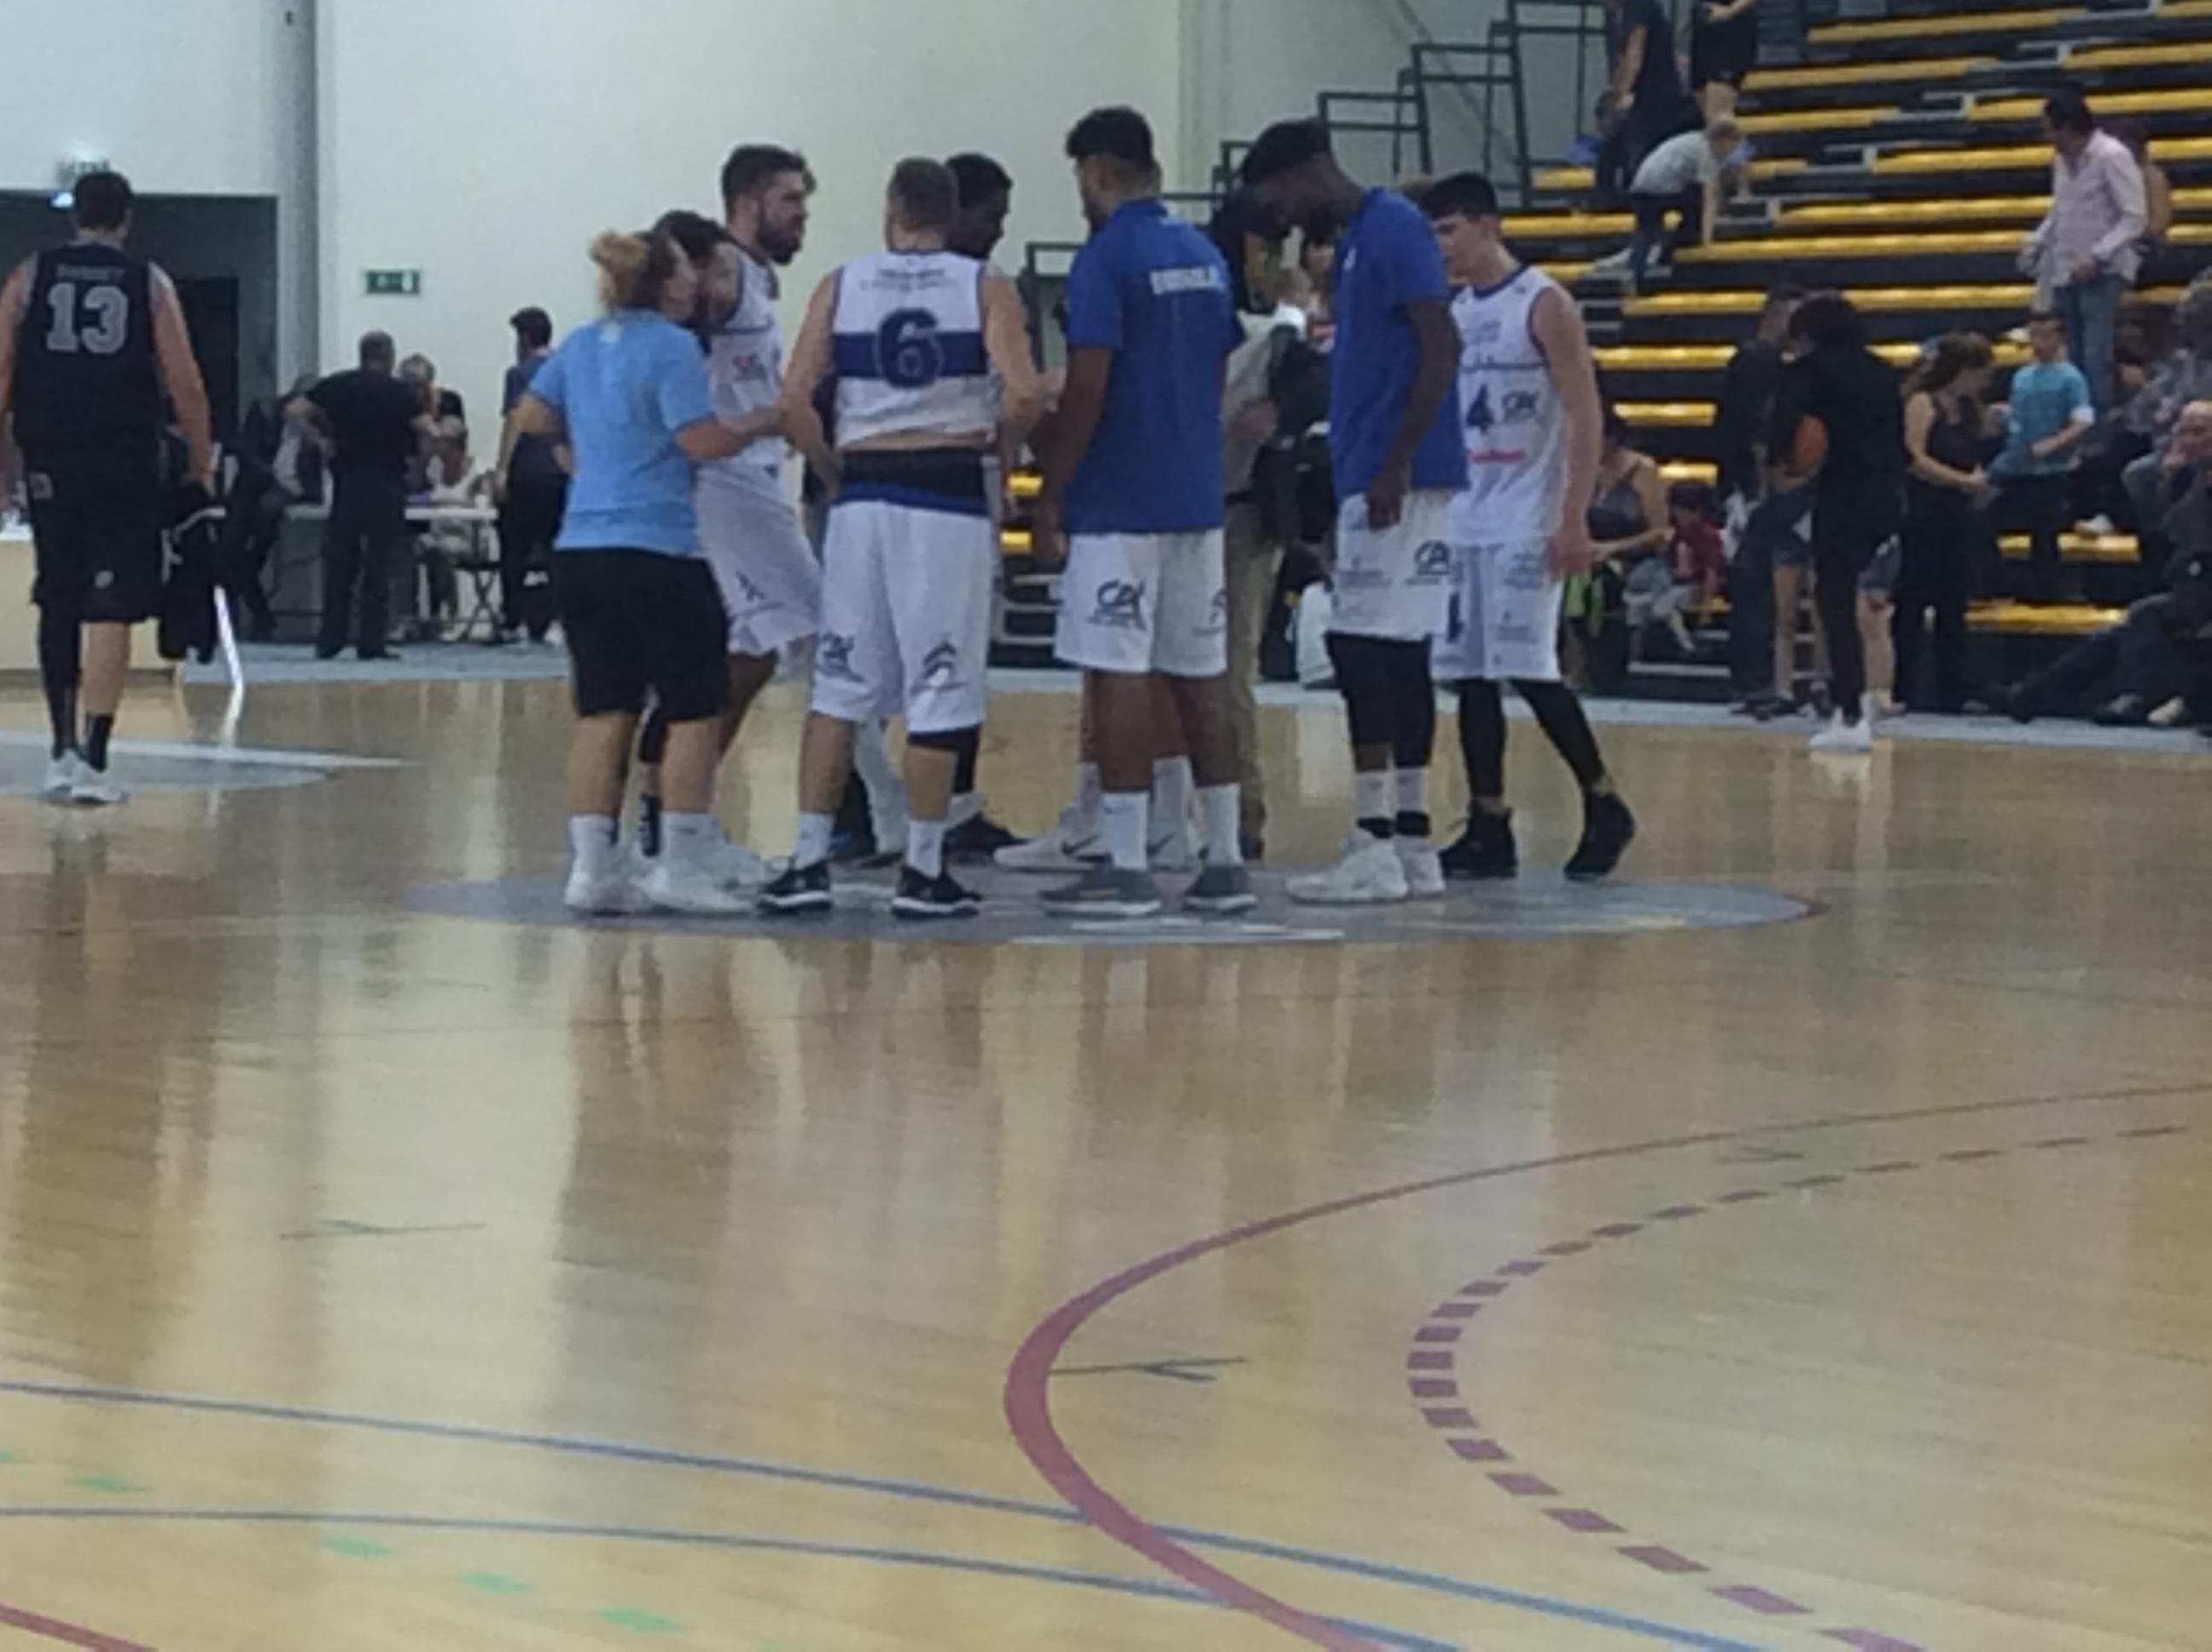 nationale 2 basket ouest lyonnais basket-asmb le puy 151218 20h